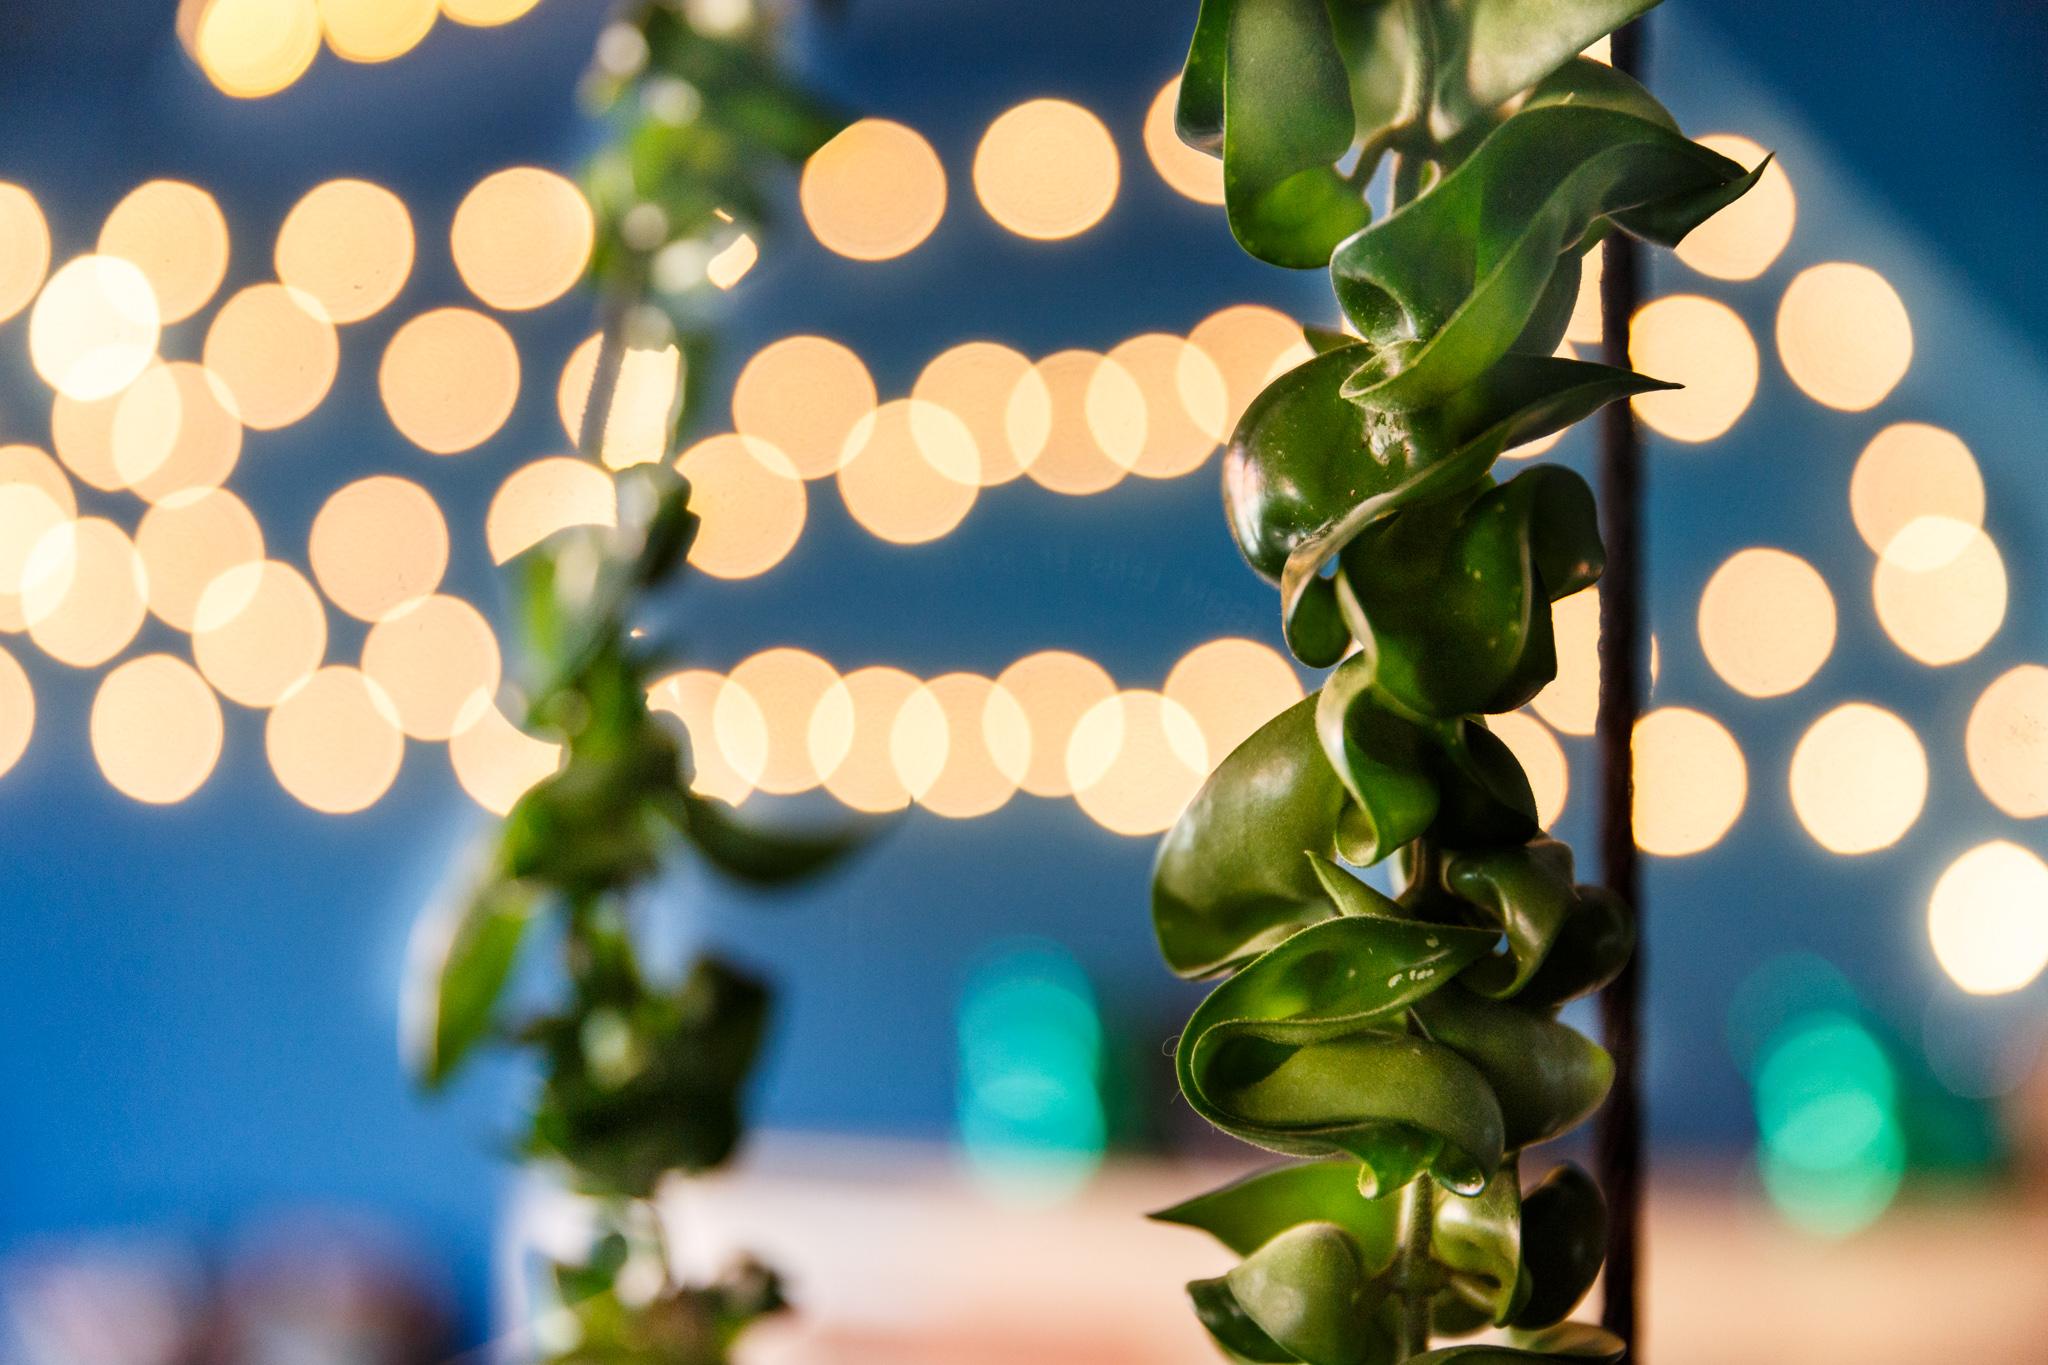 PeakAce-Büro-Beleuchtung-Lichterkette-Dittmarandfriends.jpg